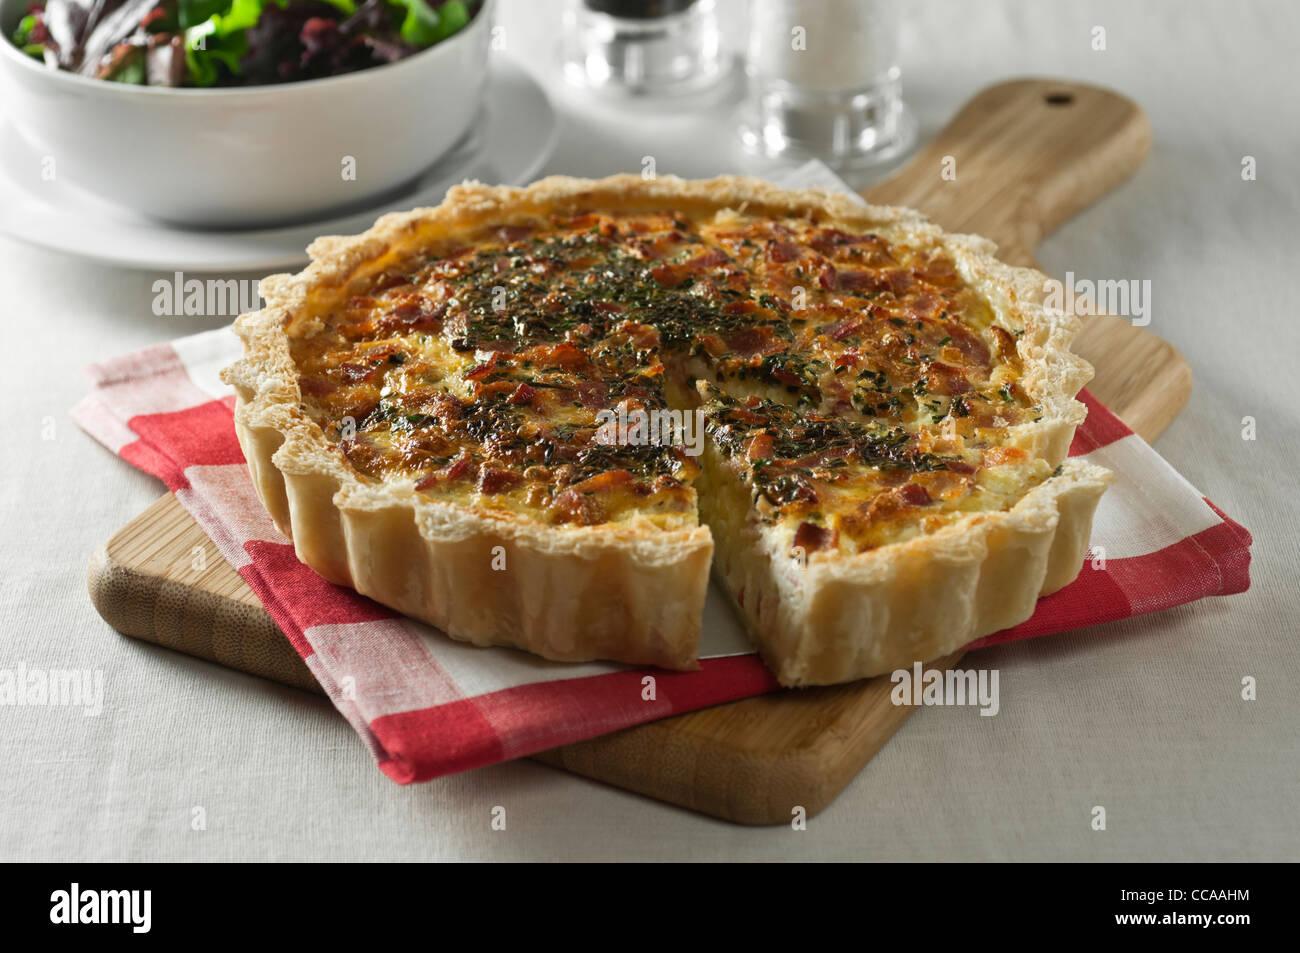 La quiche lorraine. Tarte au fromage et bacon Photo Stock